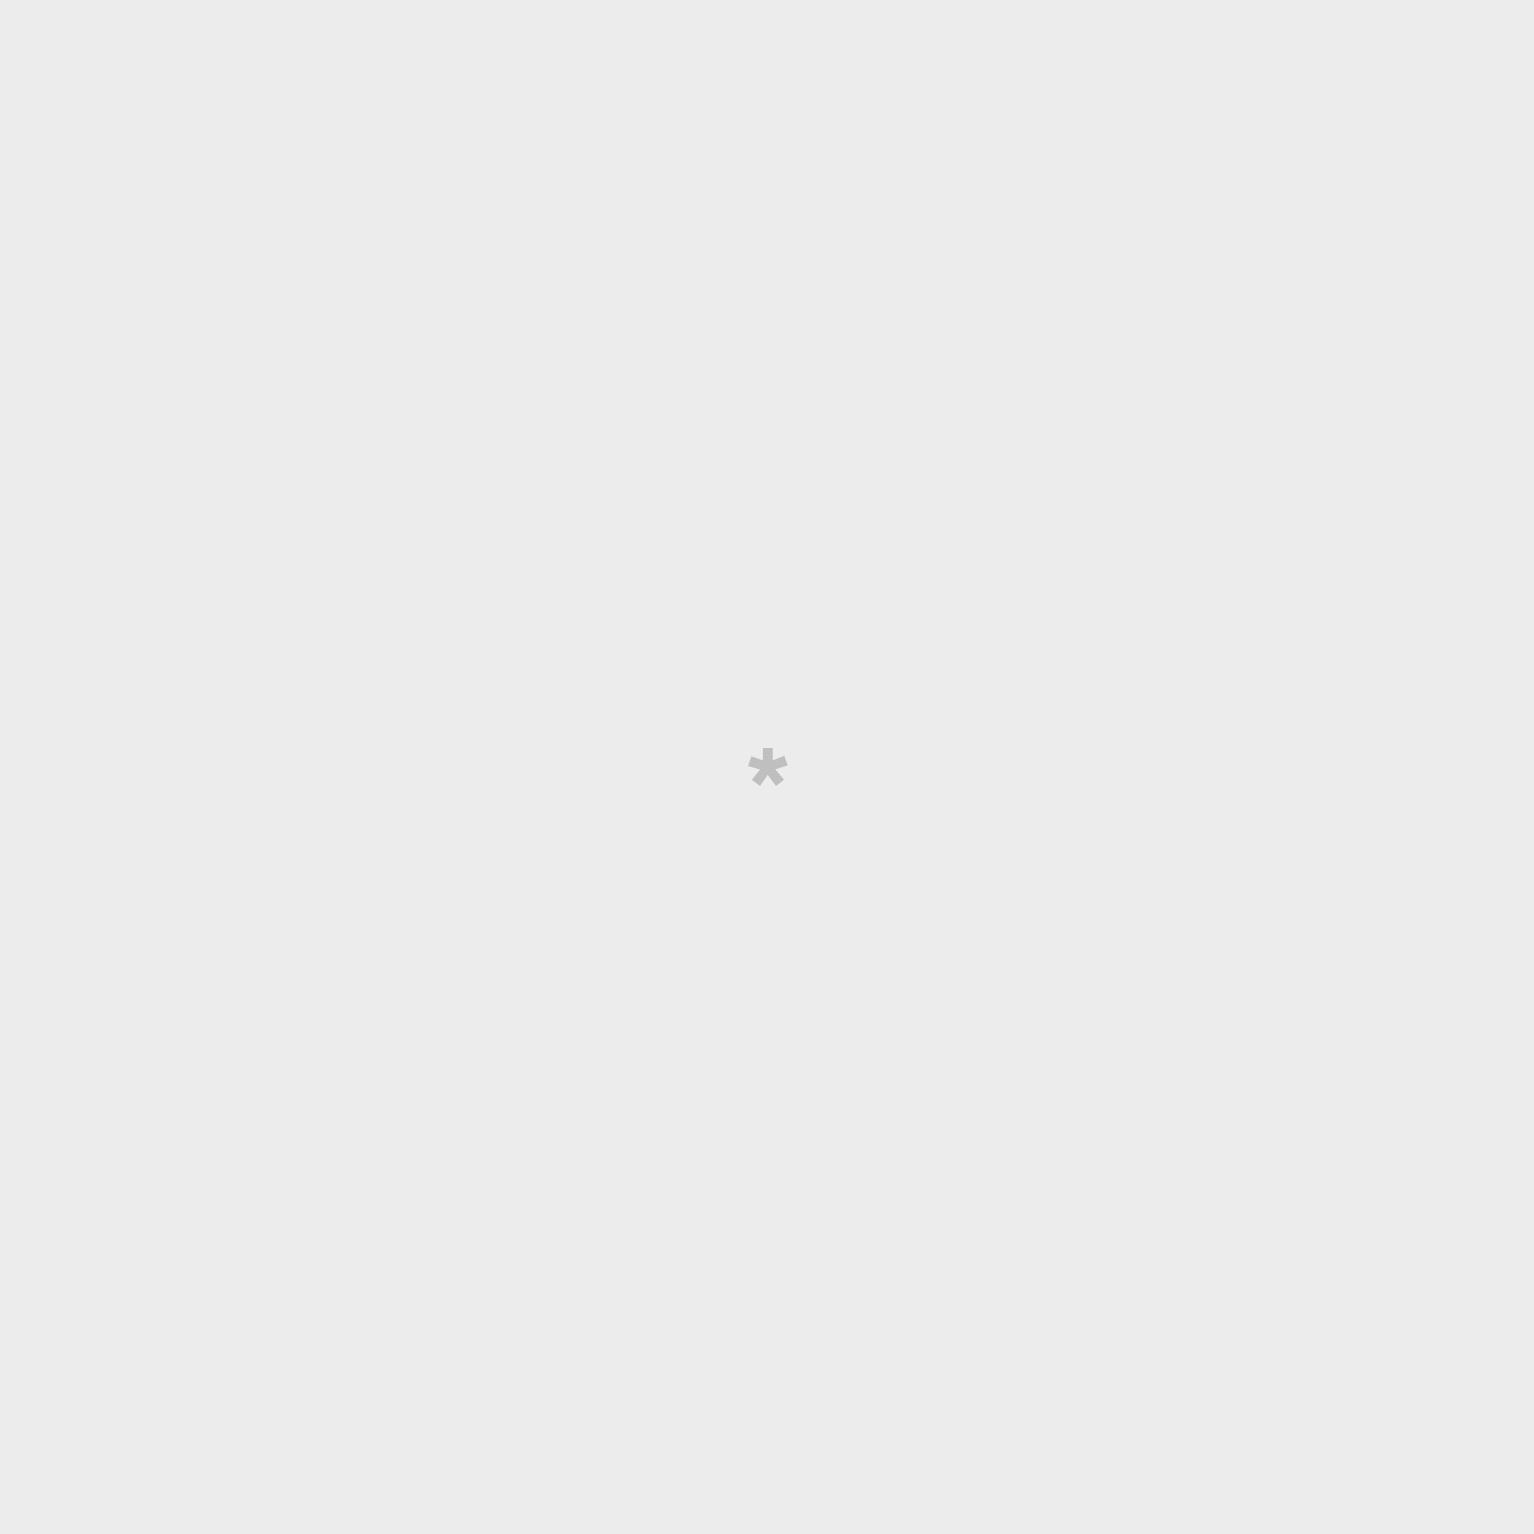 Libreta de pegatinas y notas adhesivas